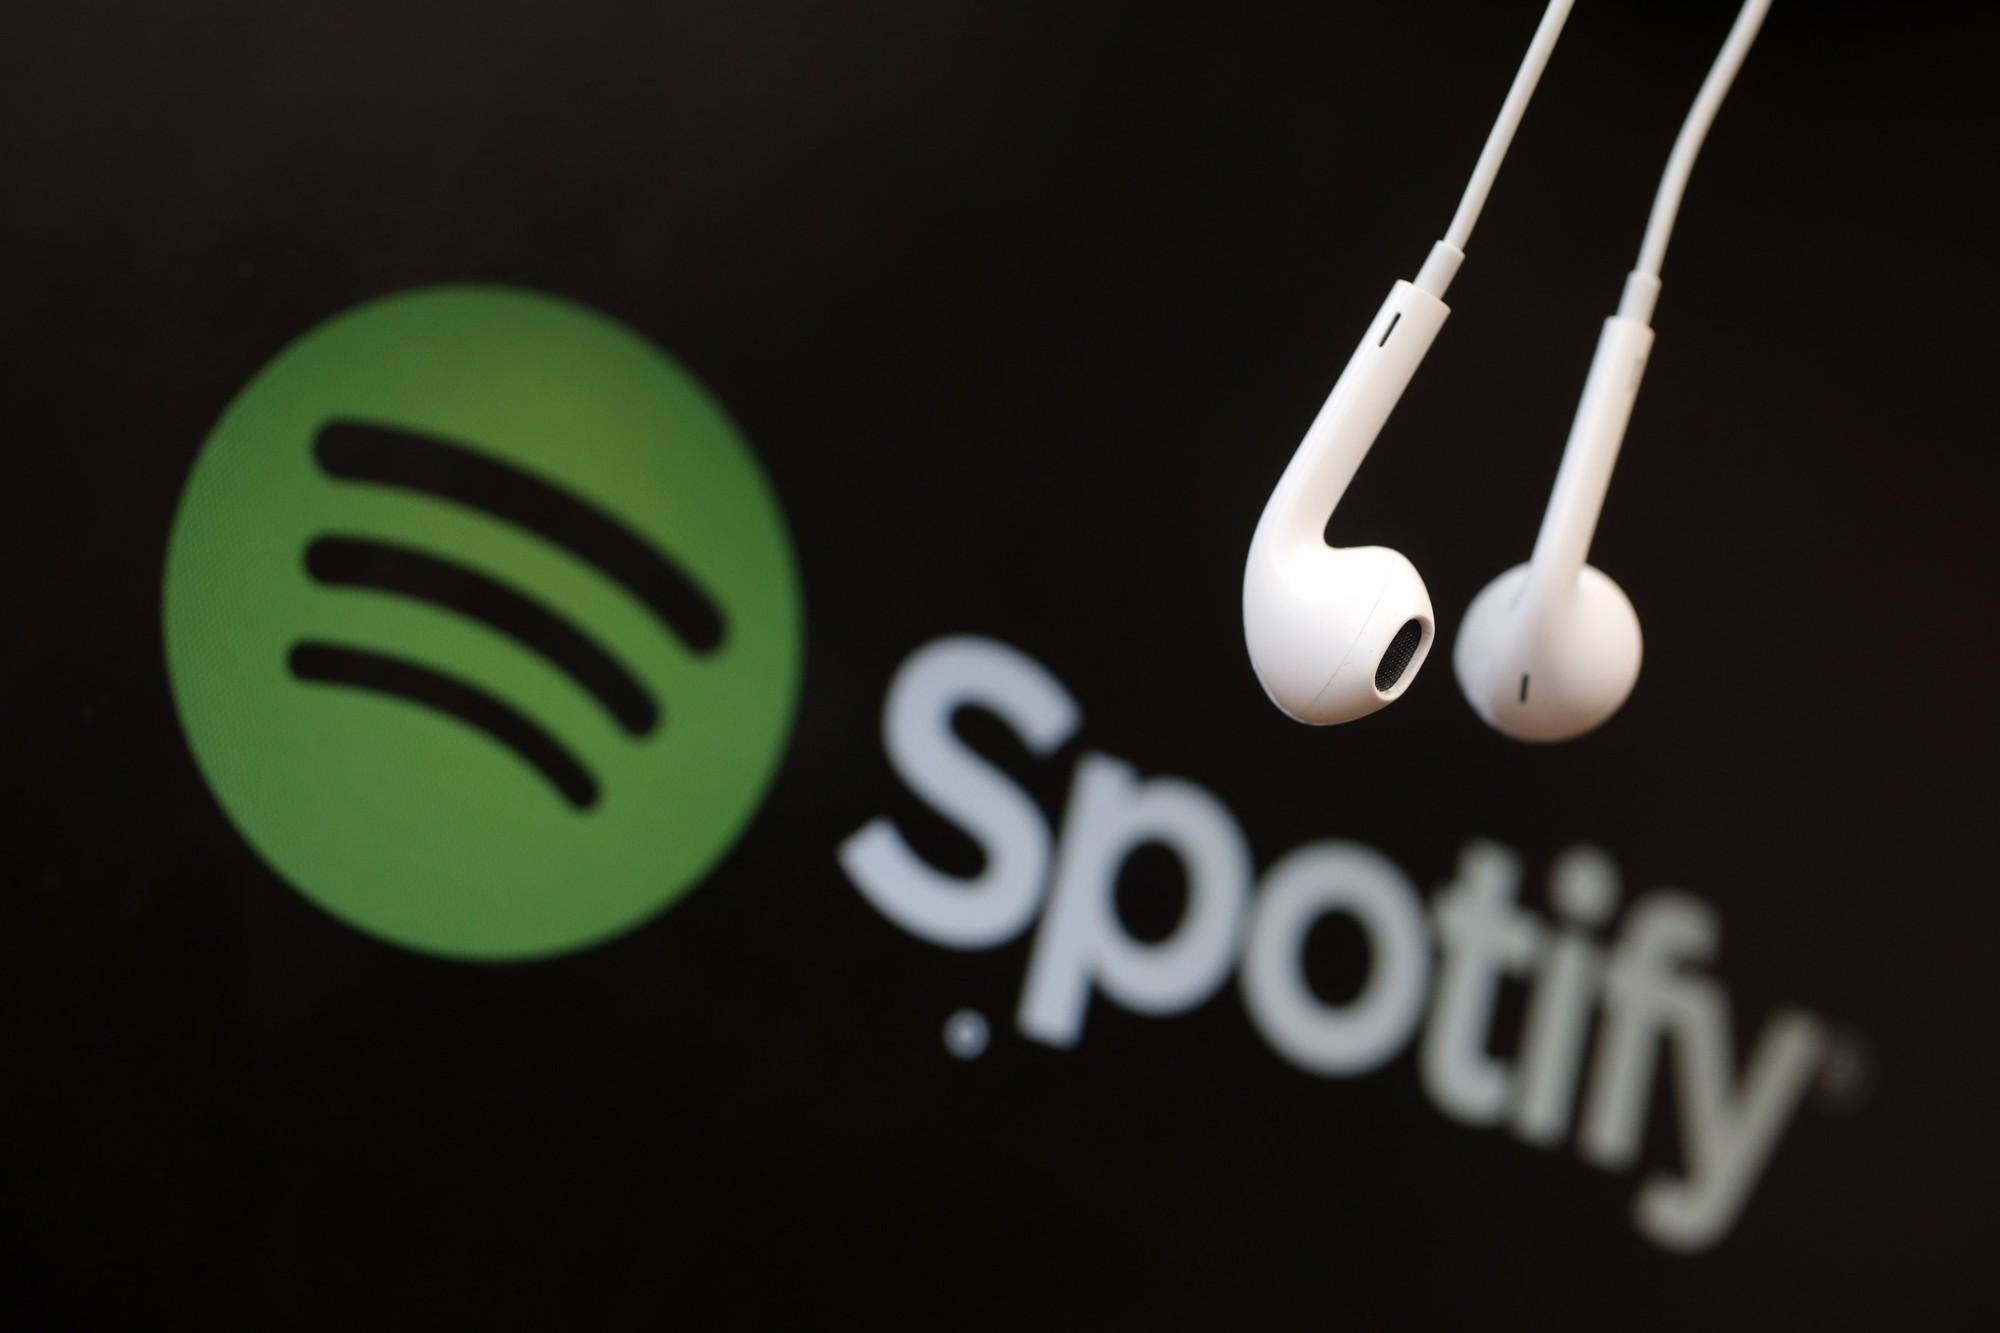 Vì sao không nên tiếc tiền mà hãy bỏ ngay 59 nghìn ra để mua Spotify Premium? - Ảnh 1.